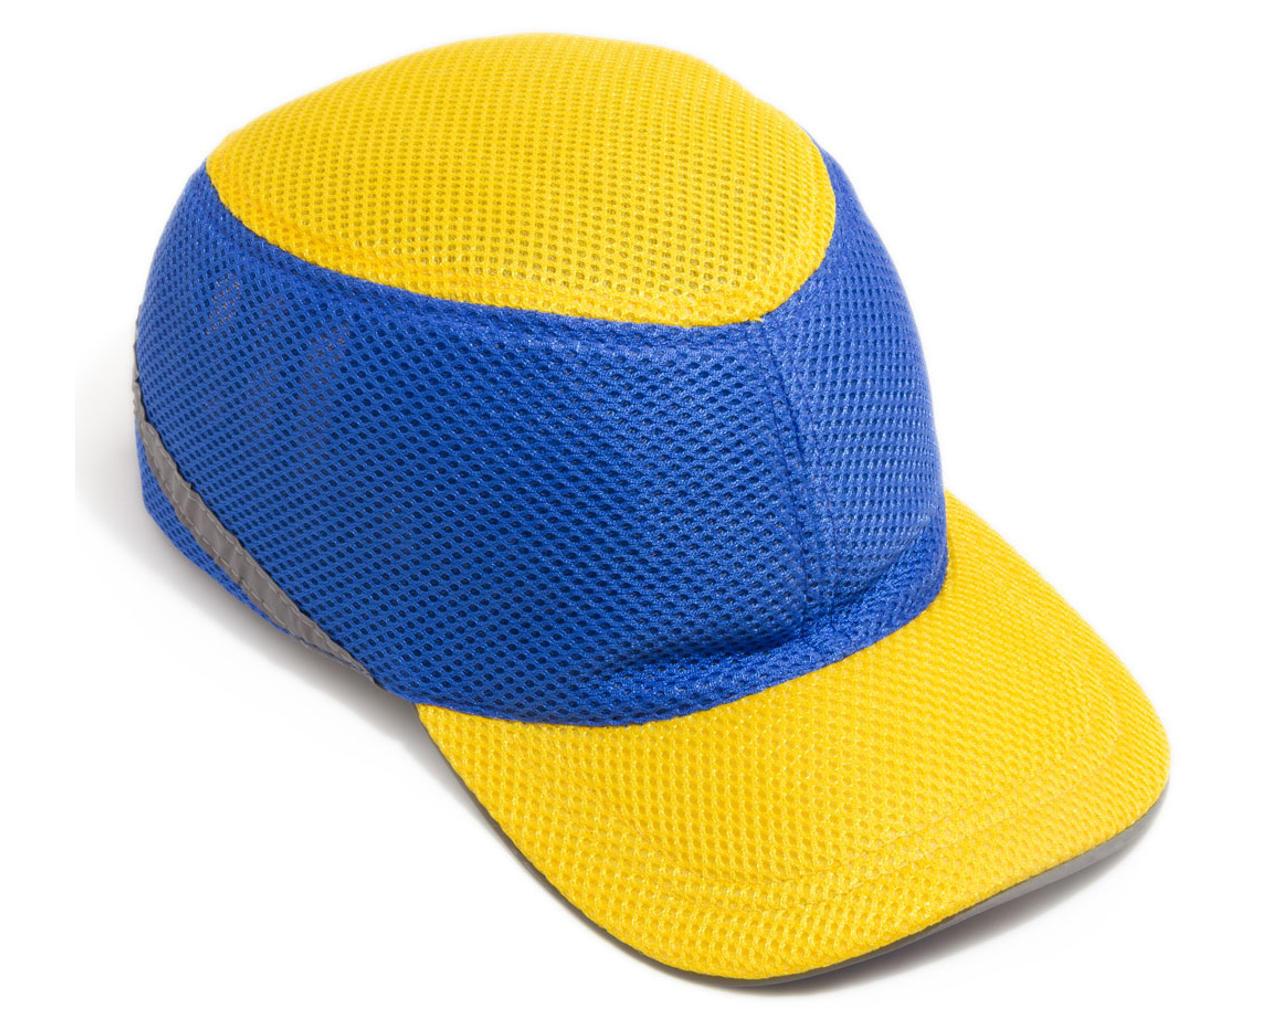 Каска-бейсболка ударопрочная со светоотражающей лентой (цвет жёлто-синяя)